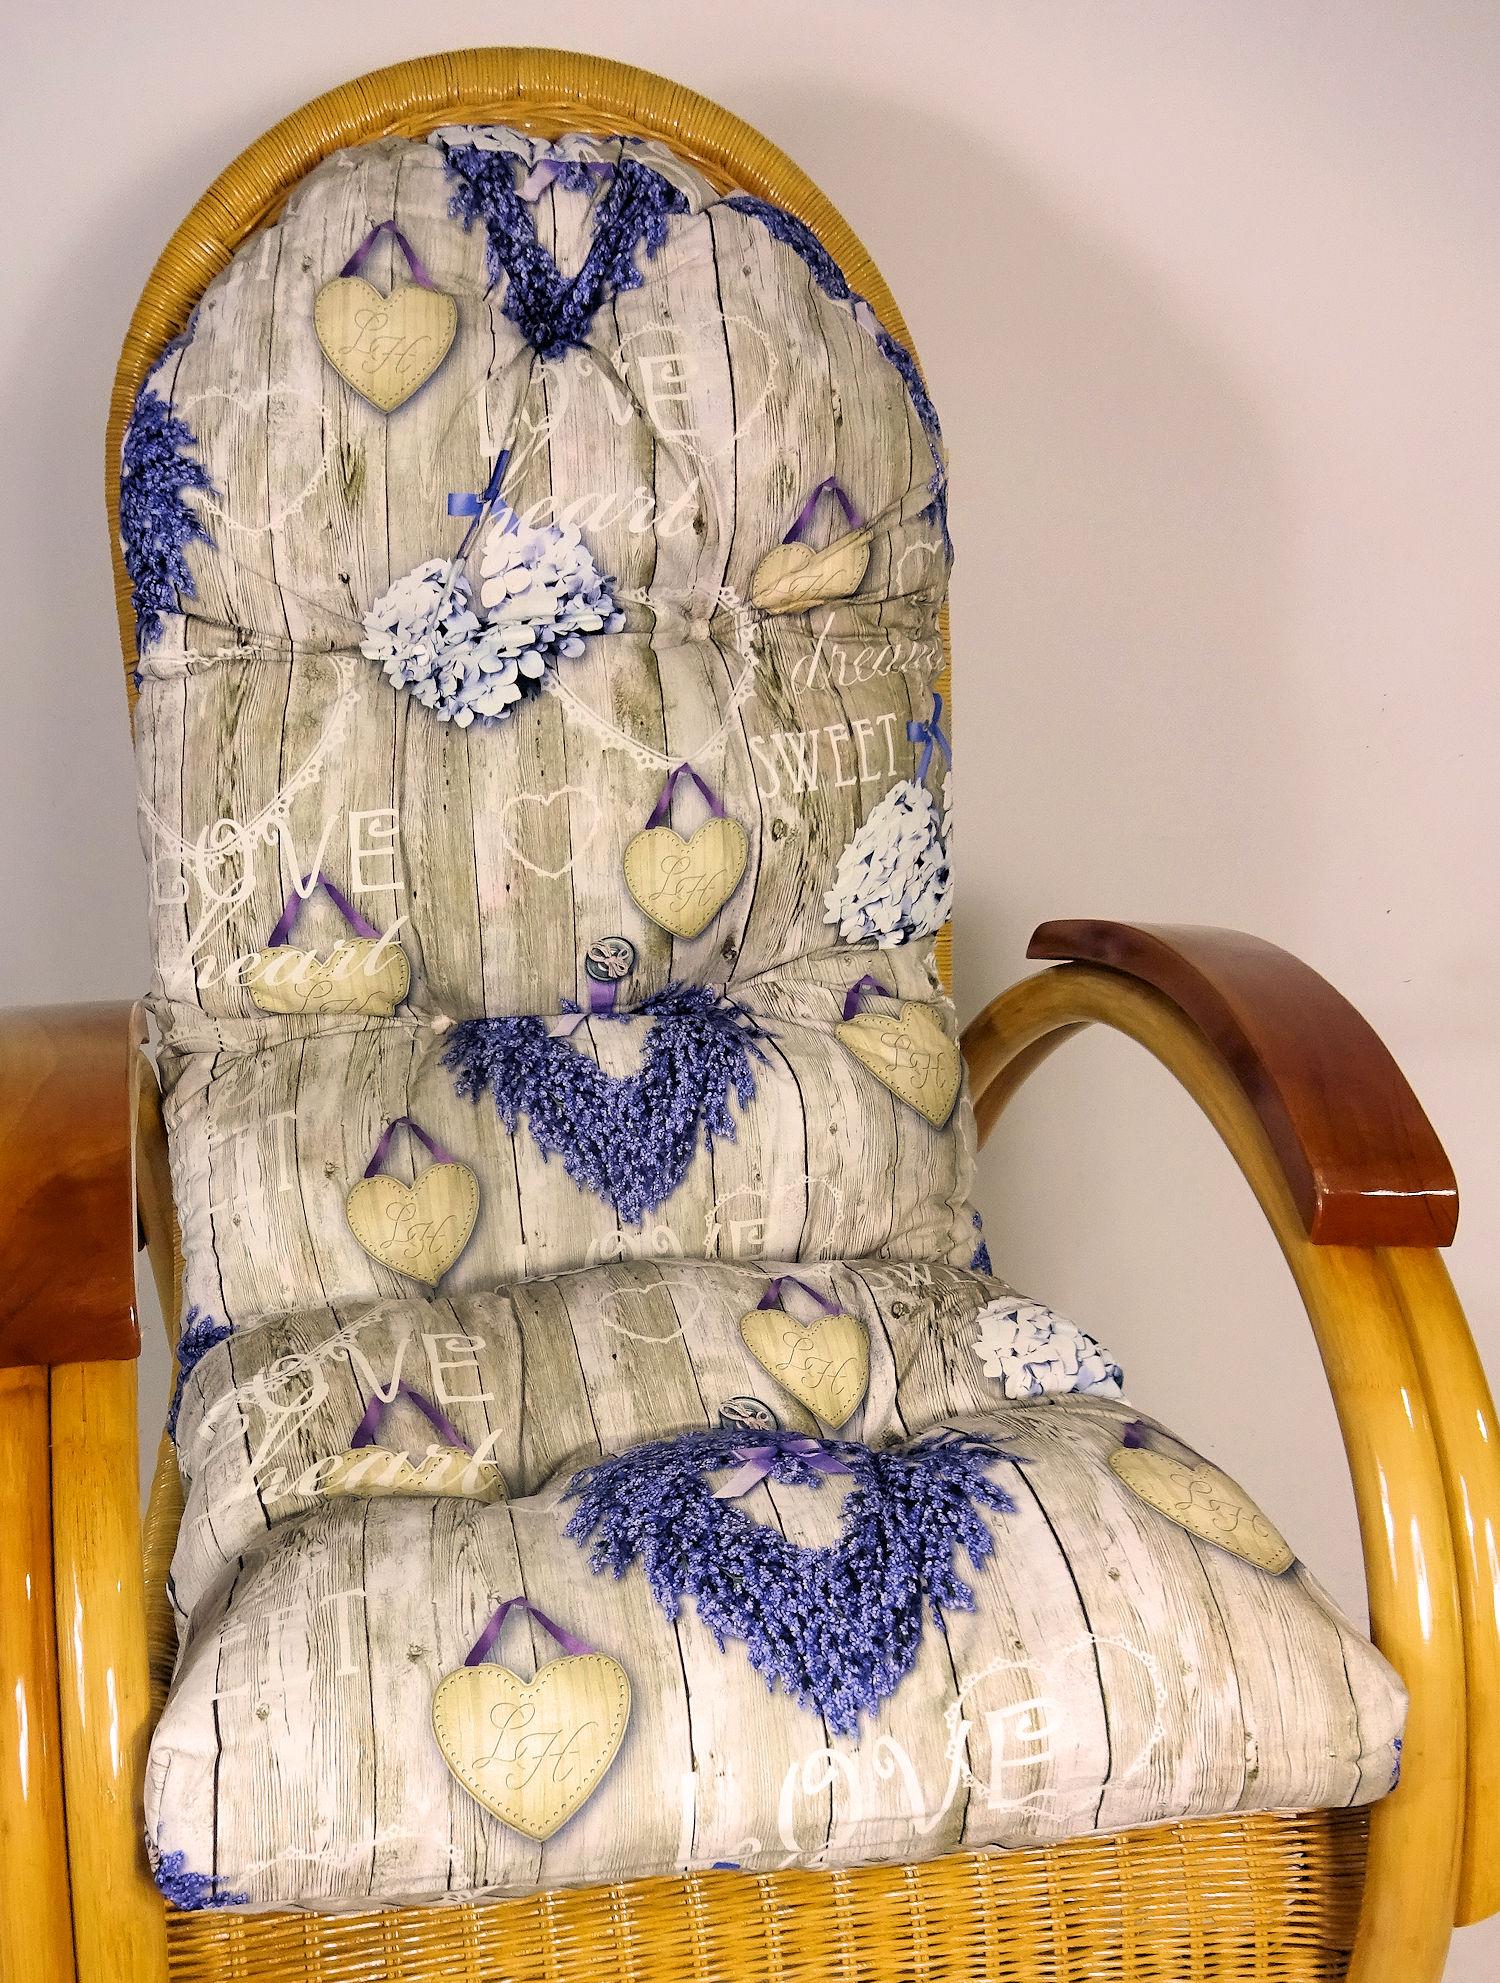 Polster Für Schaukelstuhl : auflage polster f r schaukelstuhl liegestuhl ersatzpolster gr 130 x 50 x 12 ~ Watch28wear.com Haus und Dekorationen